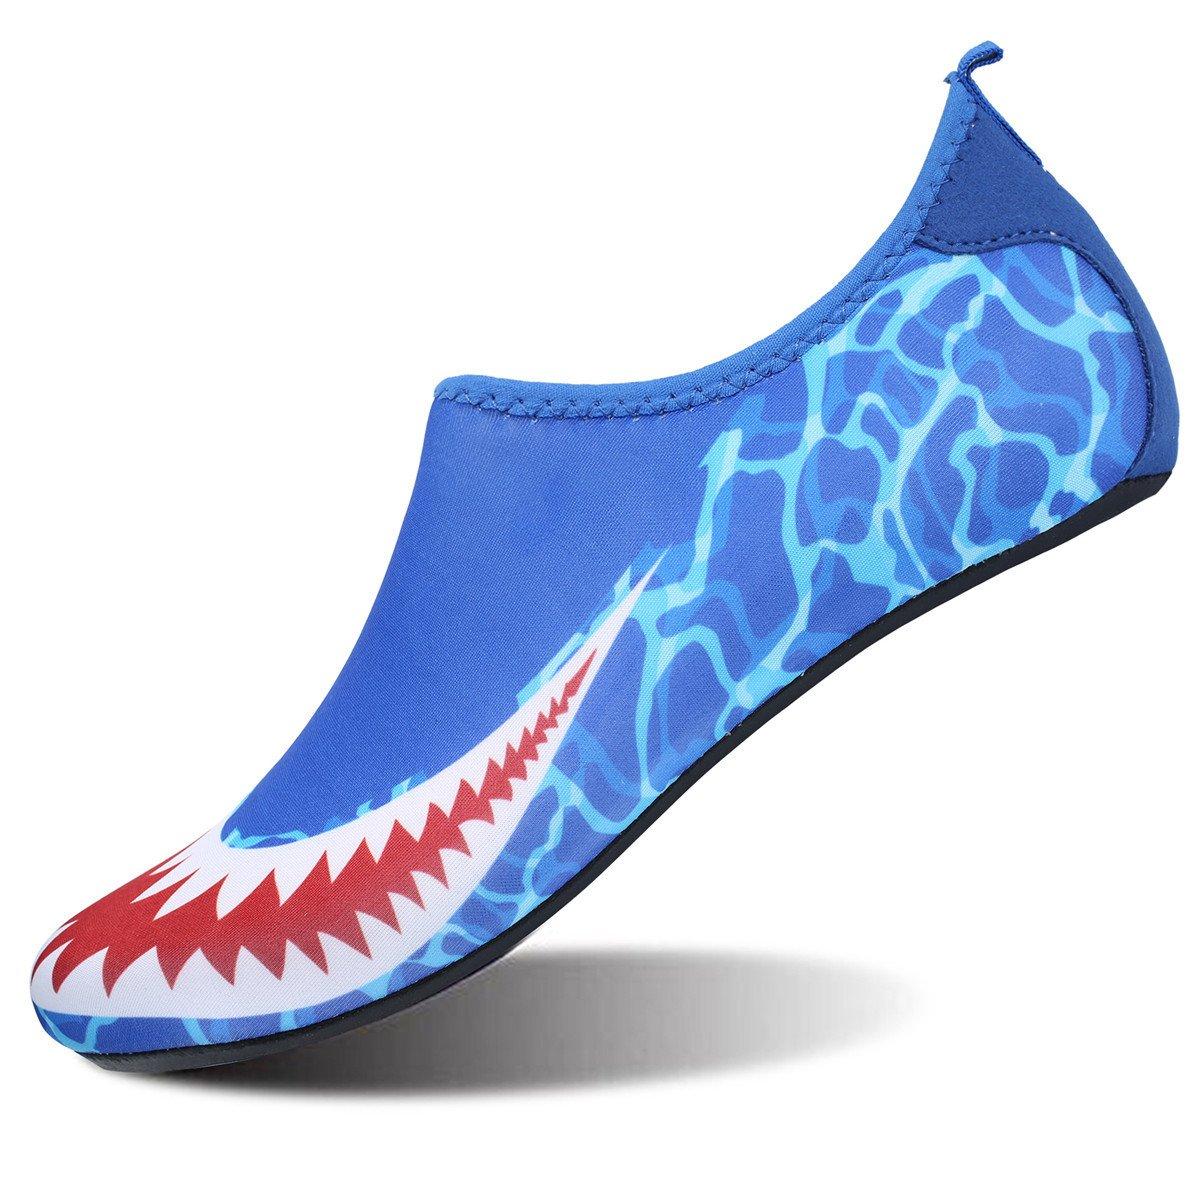 【超ポイント祭?期間限定】 [FEETCITY] Shark) レディース レディース ユニセックスアダルト B07BR3XG8Q ブルーシャーク (Blue Shark) L(W:9.5-10.5,M:8.5-9) L(W:9.5-10.5,M:8.5-9)|ブルーシャーク Shark) (Blue Shark), ドルチェモデルノ:f8abbf57 --- arianechie.dominiotemporario.com